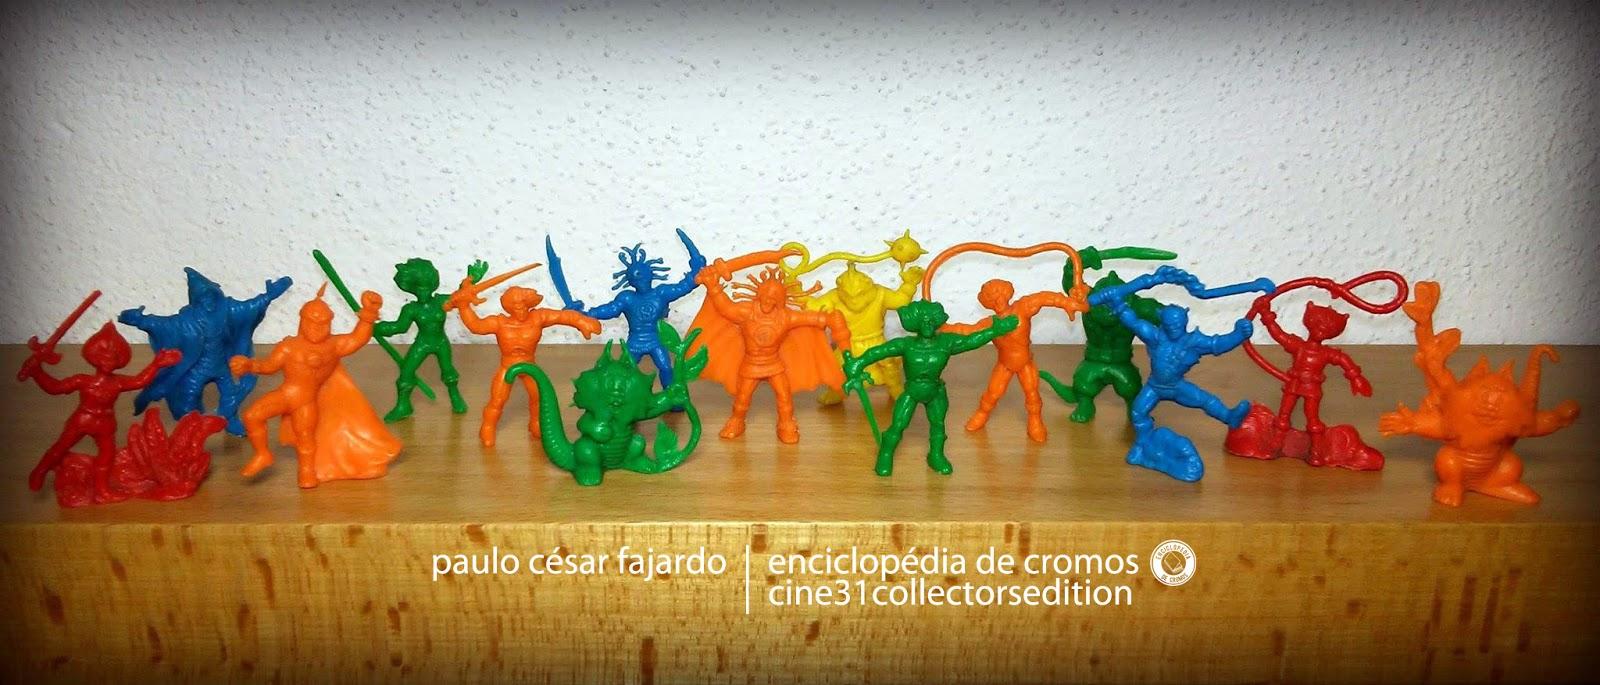 ... dos bonecos monocromáticos dos Thundercats